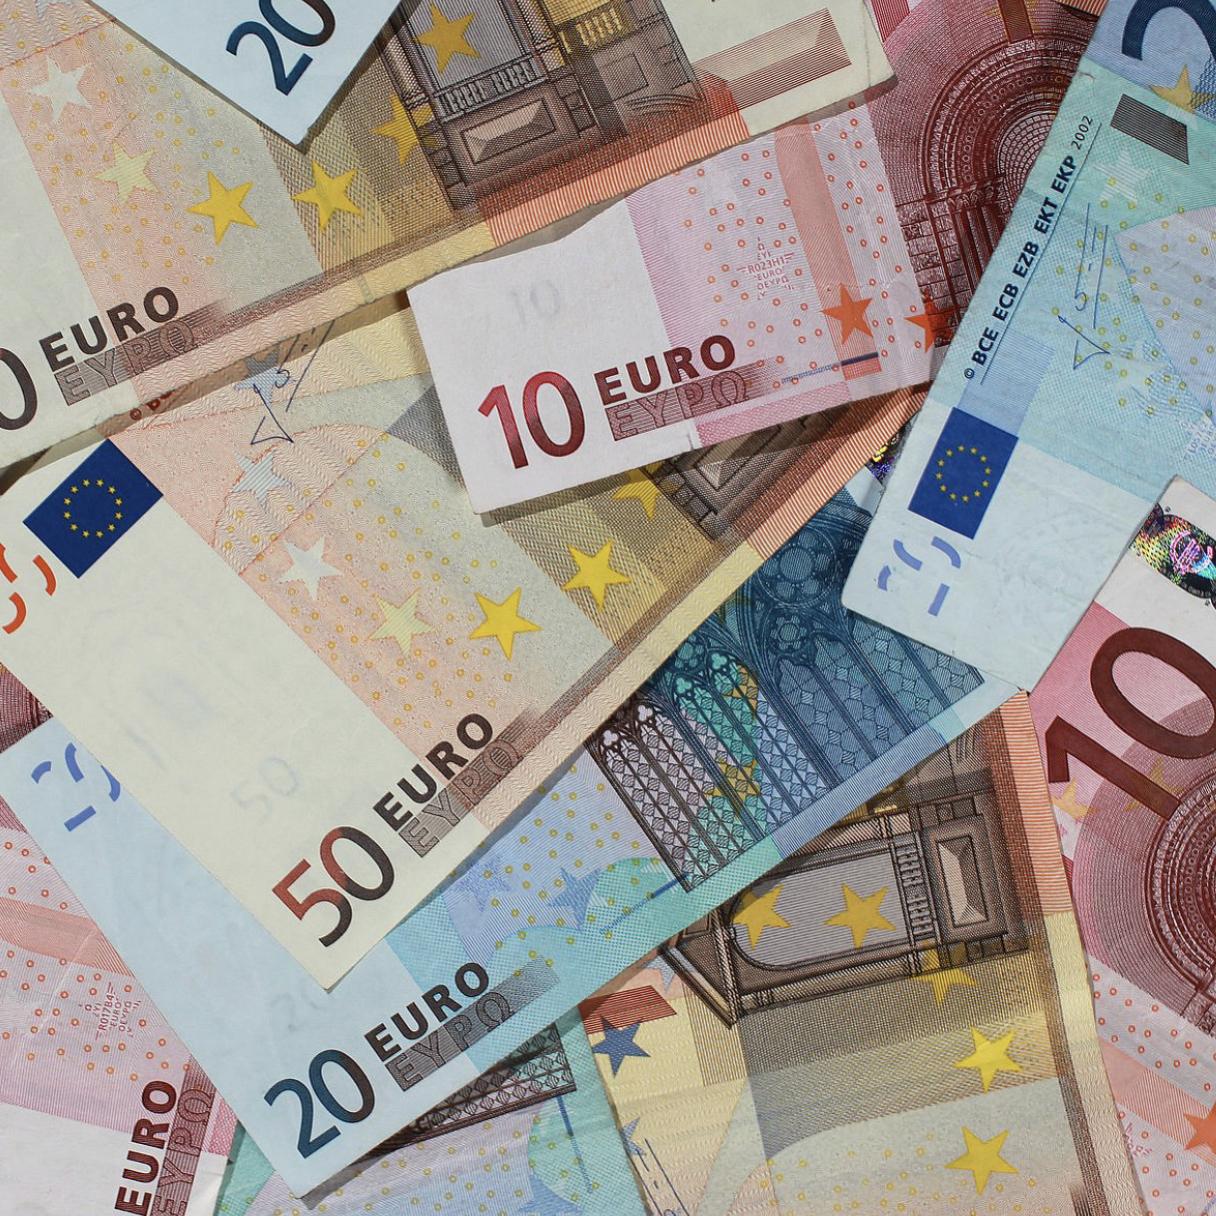 Potenzial bei 85.000 Euro: GfE fordert Emder Rat auf, zugunsten Bedürftiger auf die Hälfte seiner Aufwandsentschädigung zu verzichten.